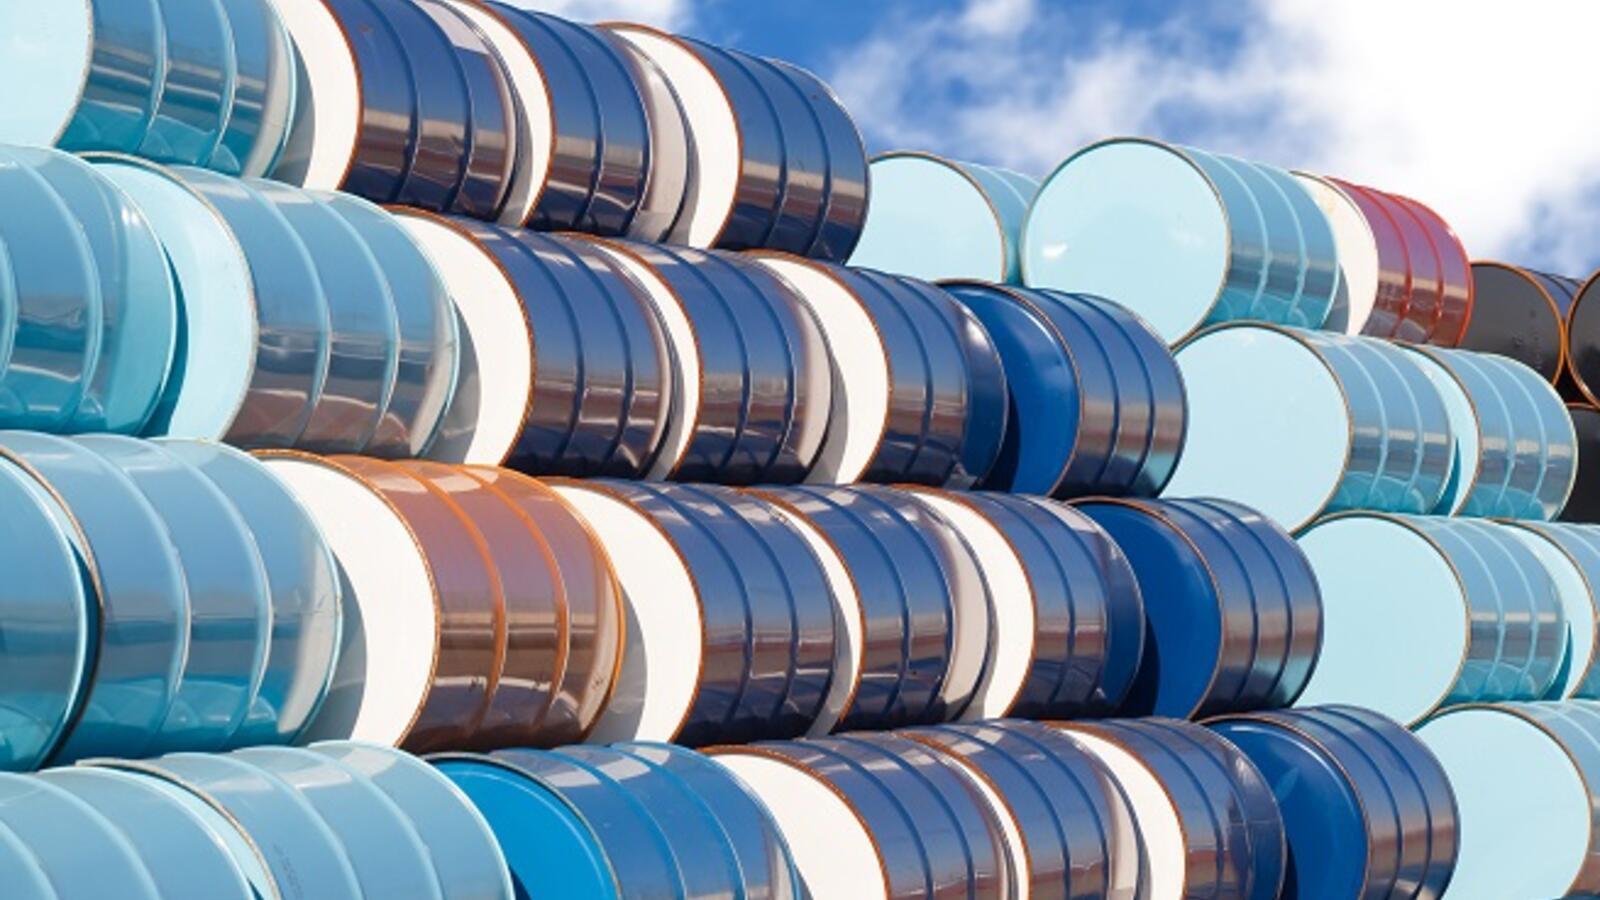 shutterstock_oil_barrels_Jan10